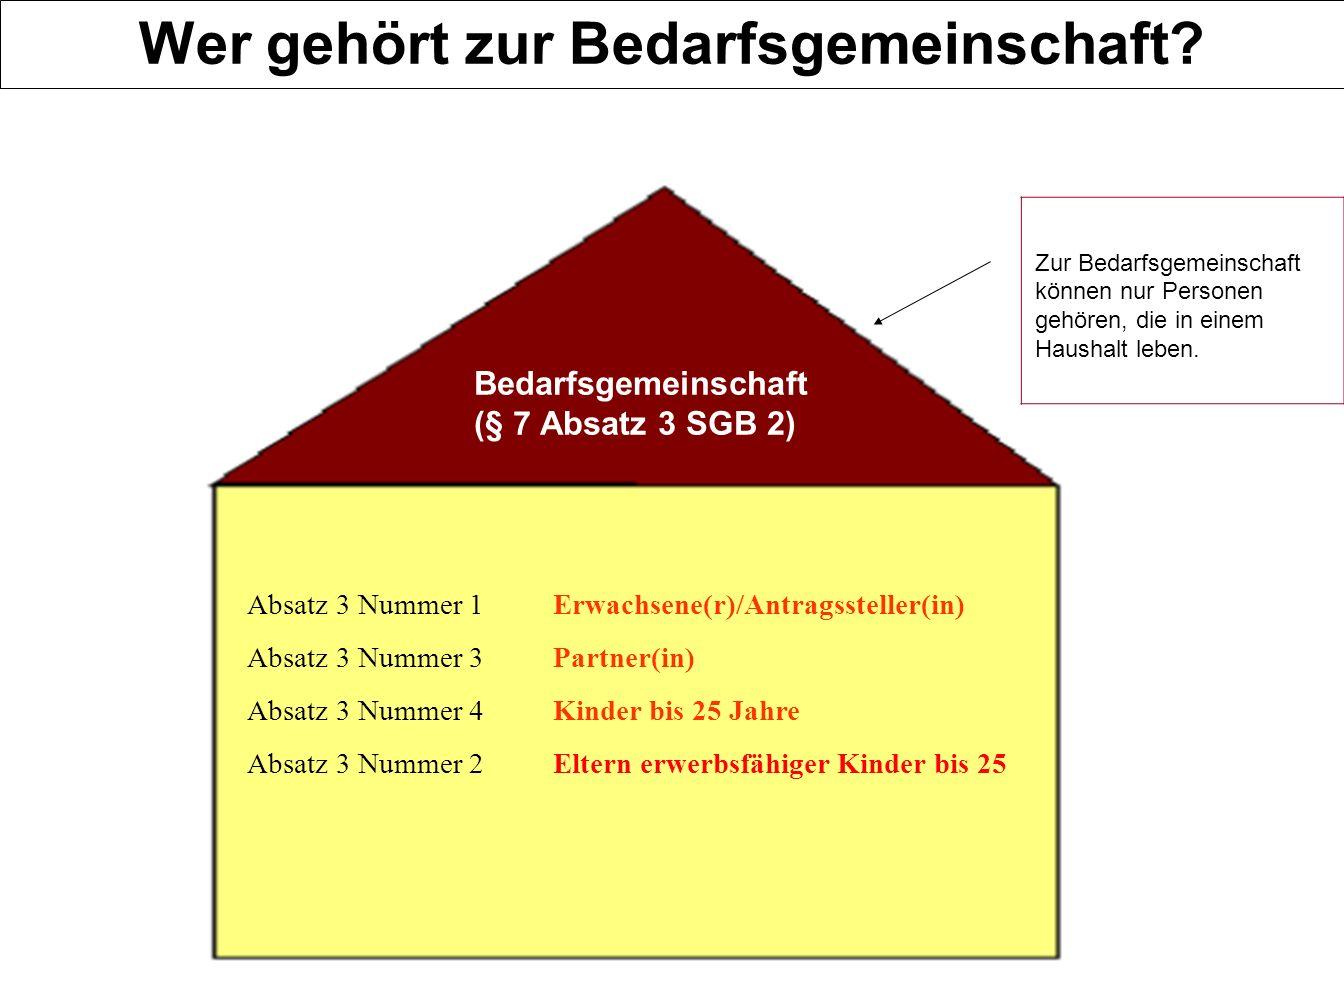 24 Absatz 3 Nummer 1 Erwachsene(r)/Antragssteller(in) Absatz 3 Nummer 3 Partner(in) Absatz 3 Nummer 4 Kinder bis 25 Jahre Absatz 3 Nummer 2 Eltern erwerbsfähiger Kinder bis 25 Bedarfsgemeinschaft (§ 7 Absatz 3 SGB 2) Zur Bedarfsgemeinschaft können nur Personen gehören, die in einem Haushalt leben.